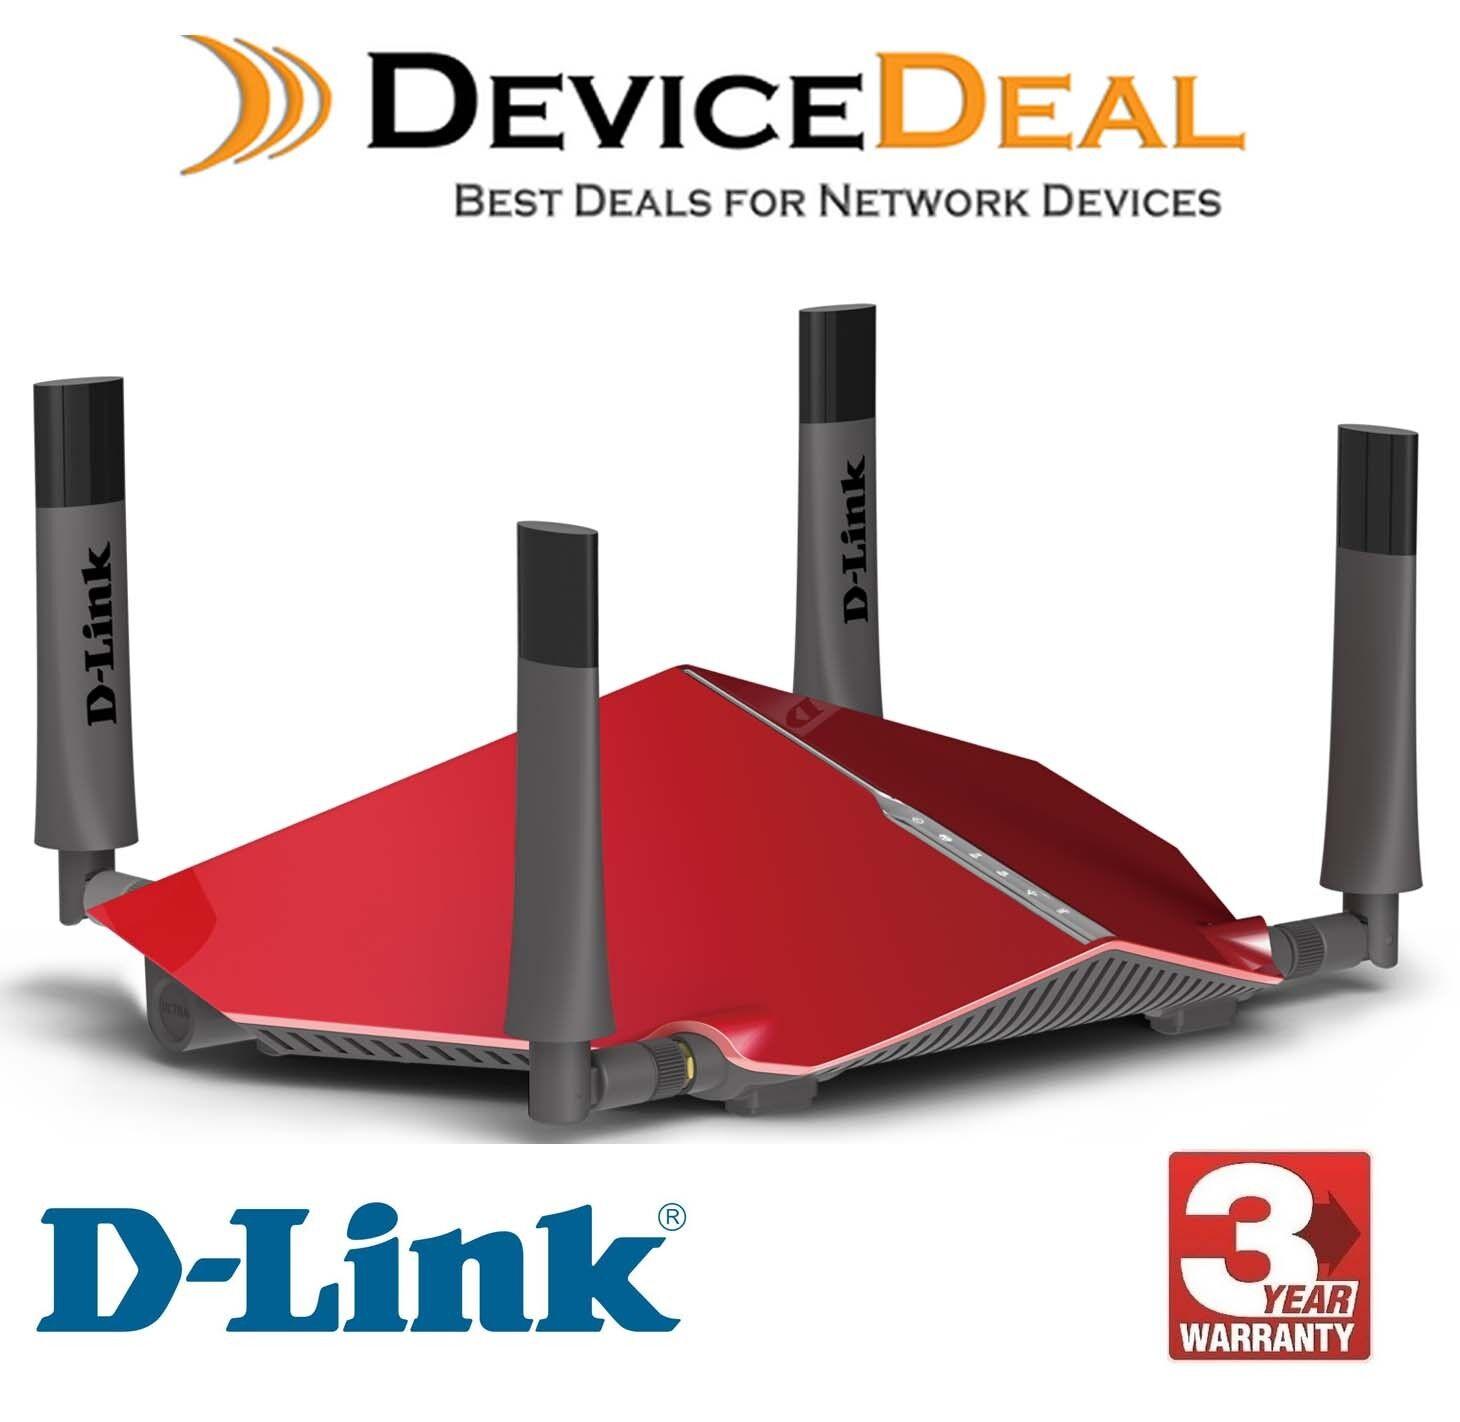 D-Link DIR-885L/R IEEE 802.11ac Ethernet Wireless Router - 2